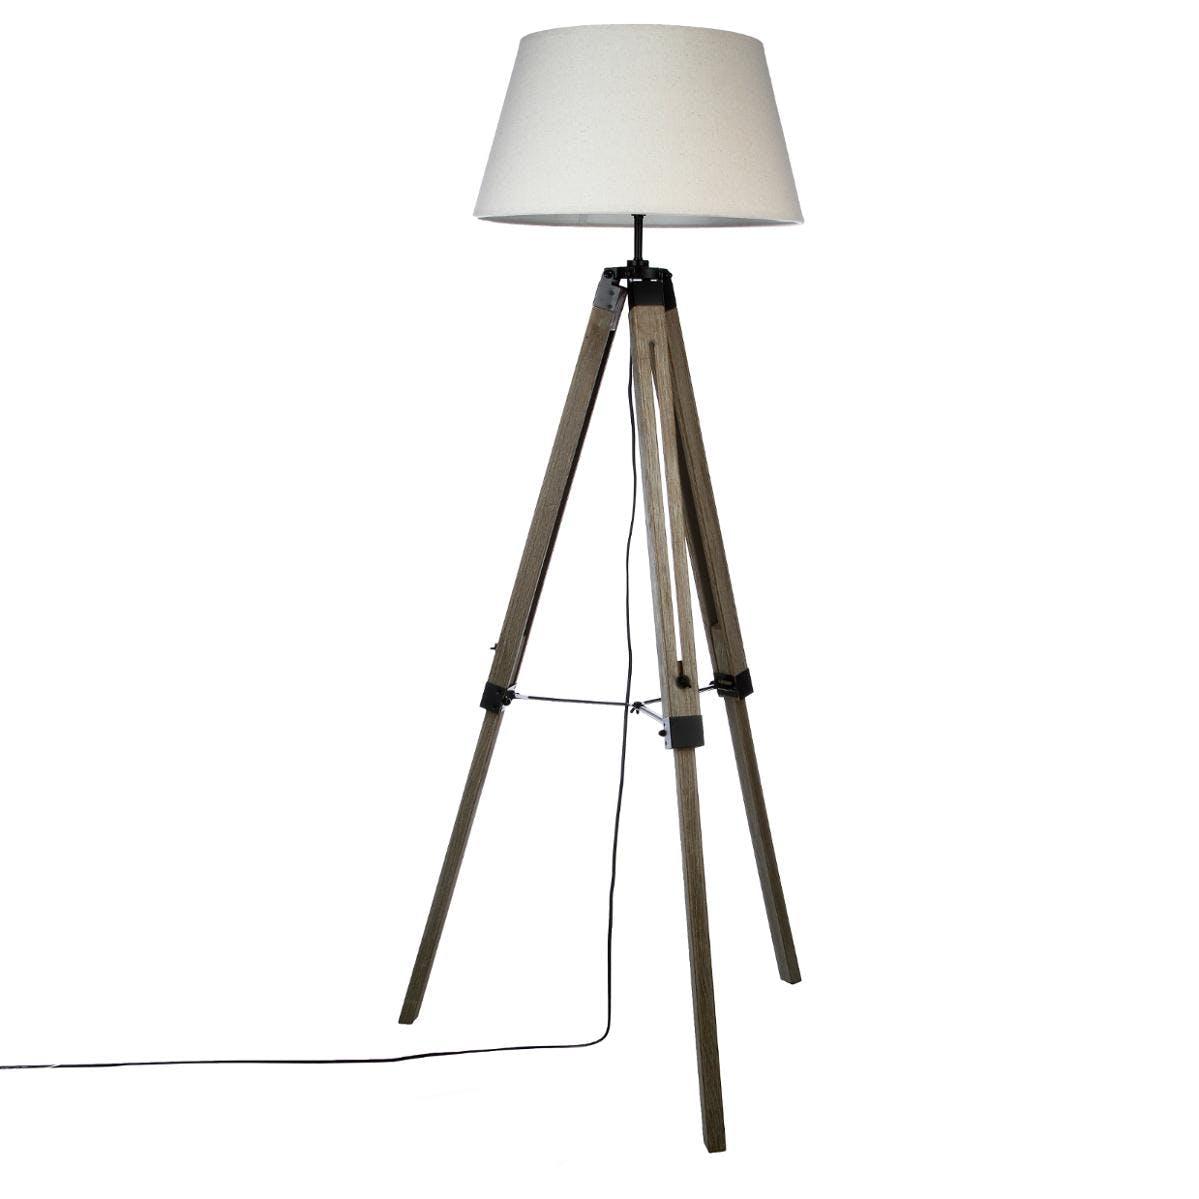 Lampadaire en bois patiné grisé forme trépied et abat-jour couleur lin H145cm